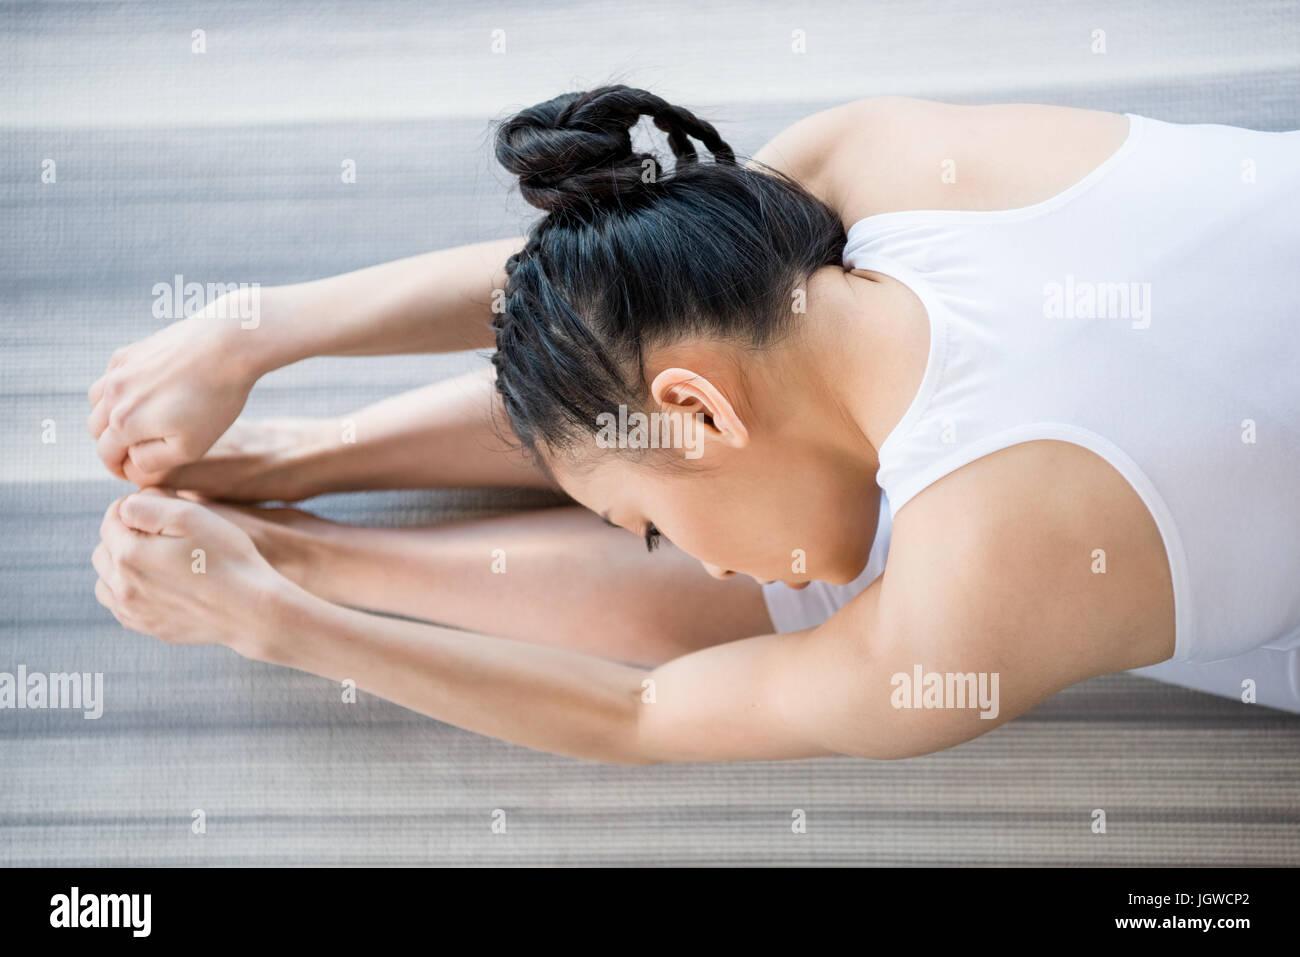 Mujer joven practicando Yoga en pose de flexión hacia adelante Foto de stock